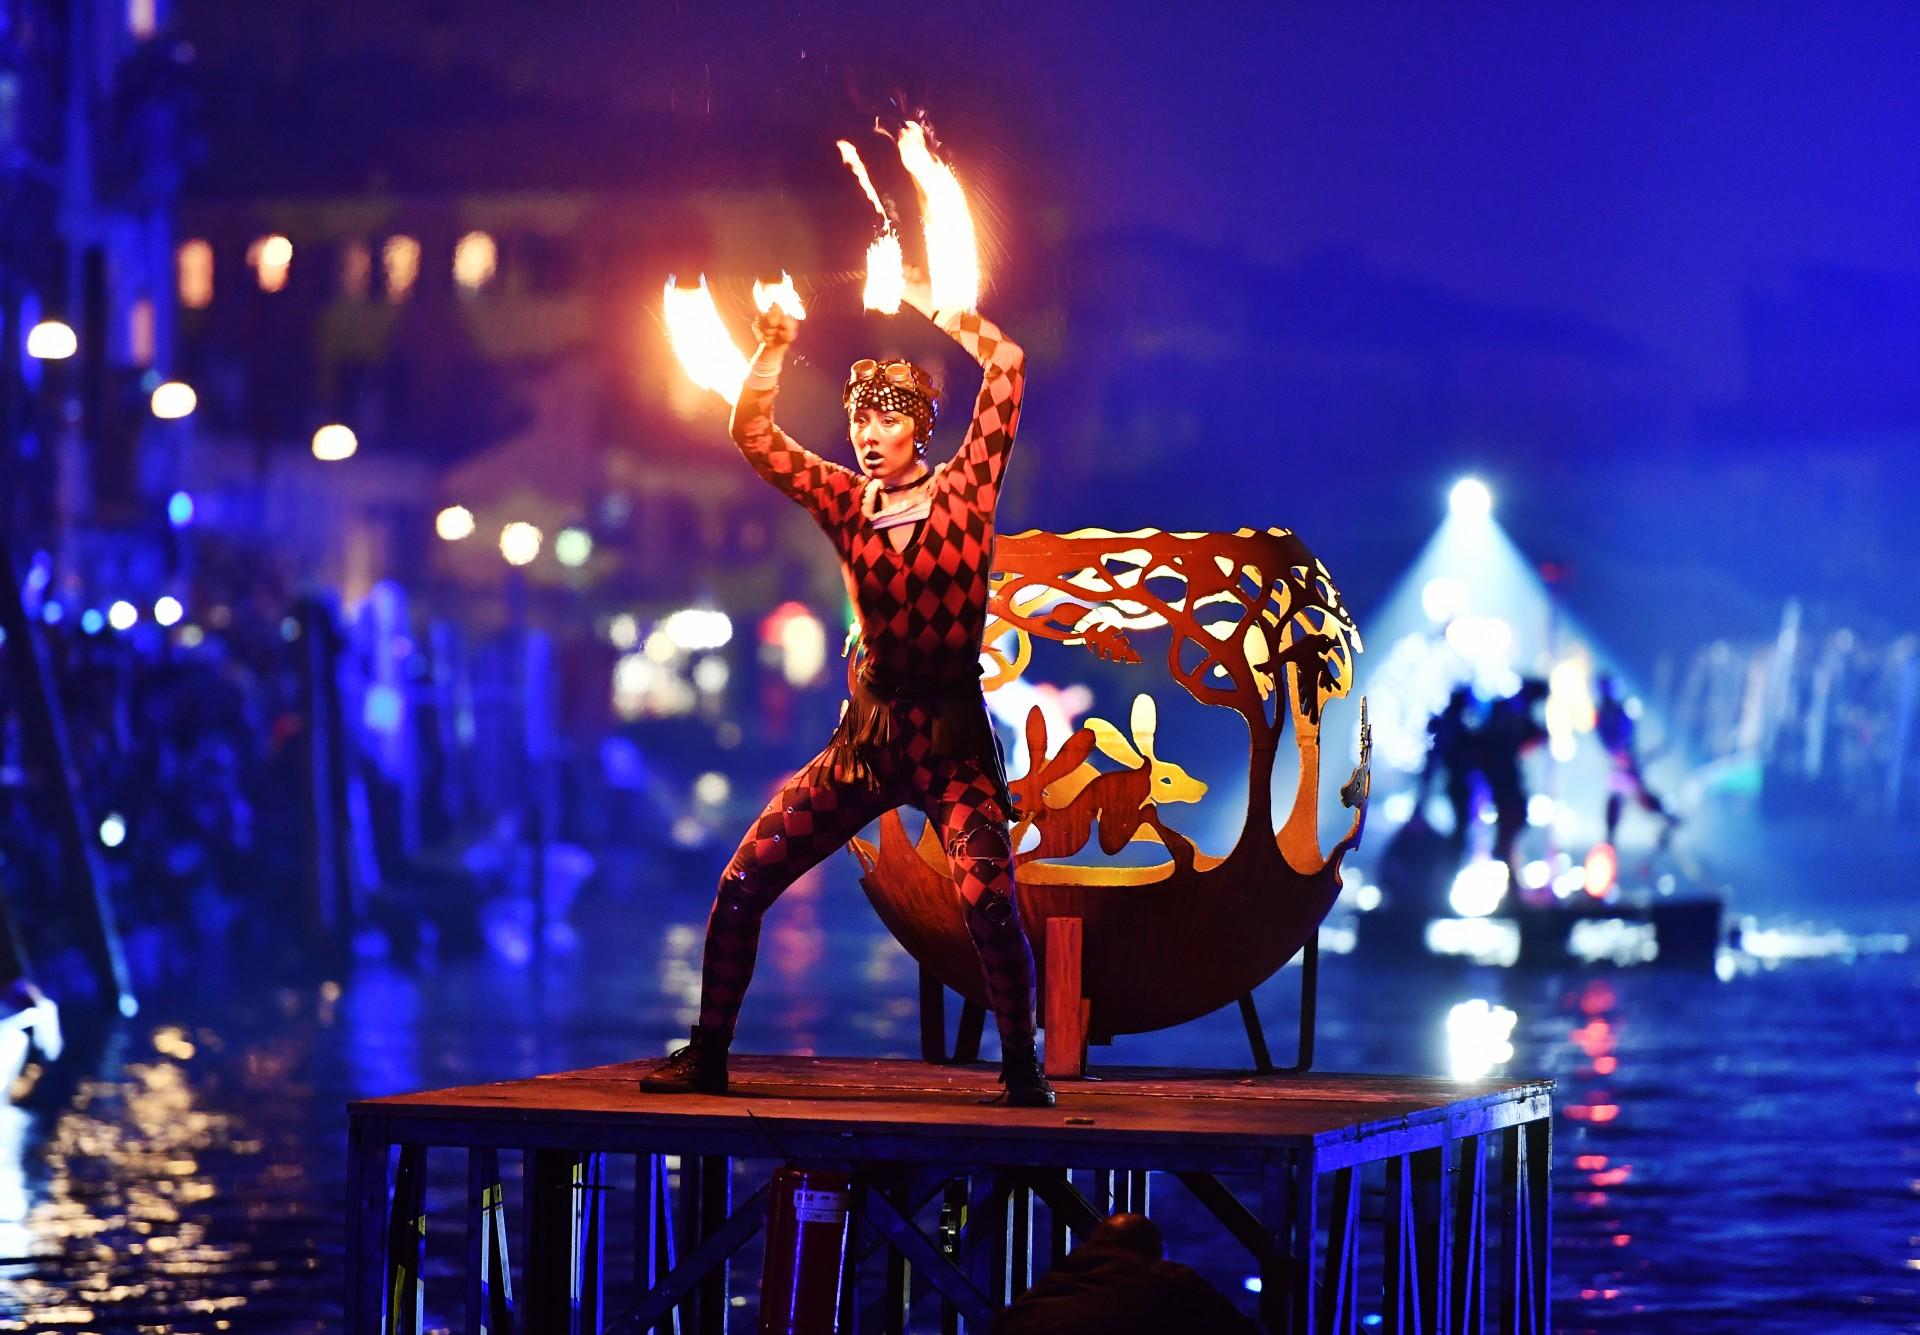 Los artistas actúan durante las festividades de 'Tutta colpa della Luna' o 'Culpa a la luna' en el Río di Cannaregio, uno de los canales famosos de Venecia el 16 de febrero de 2019.